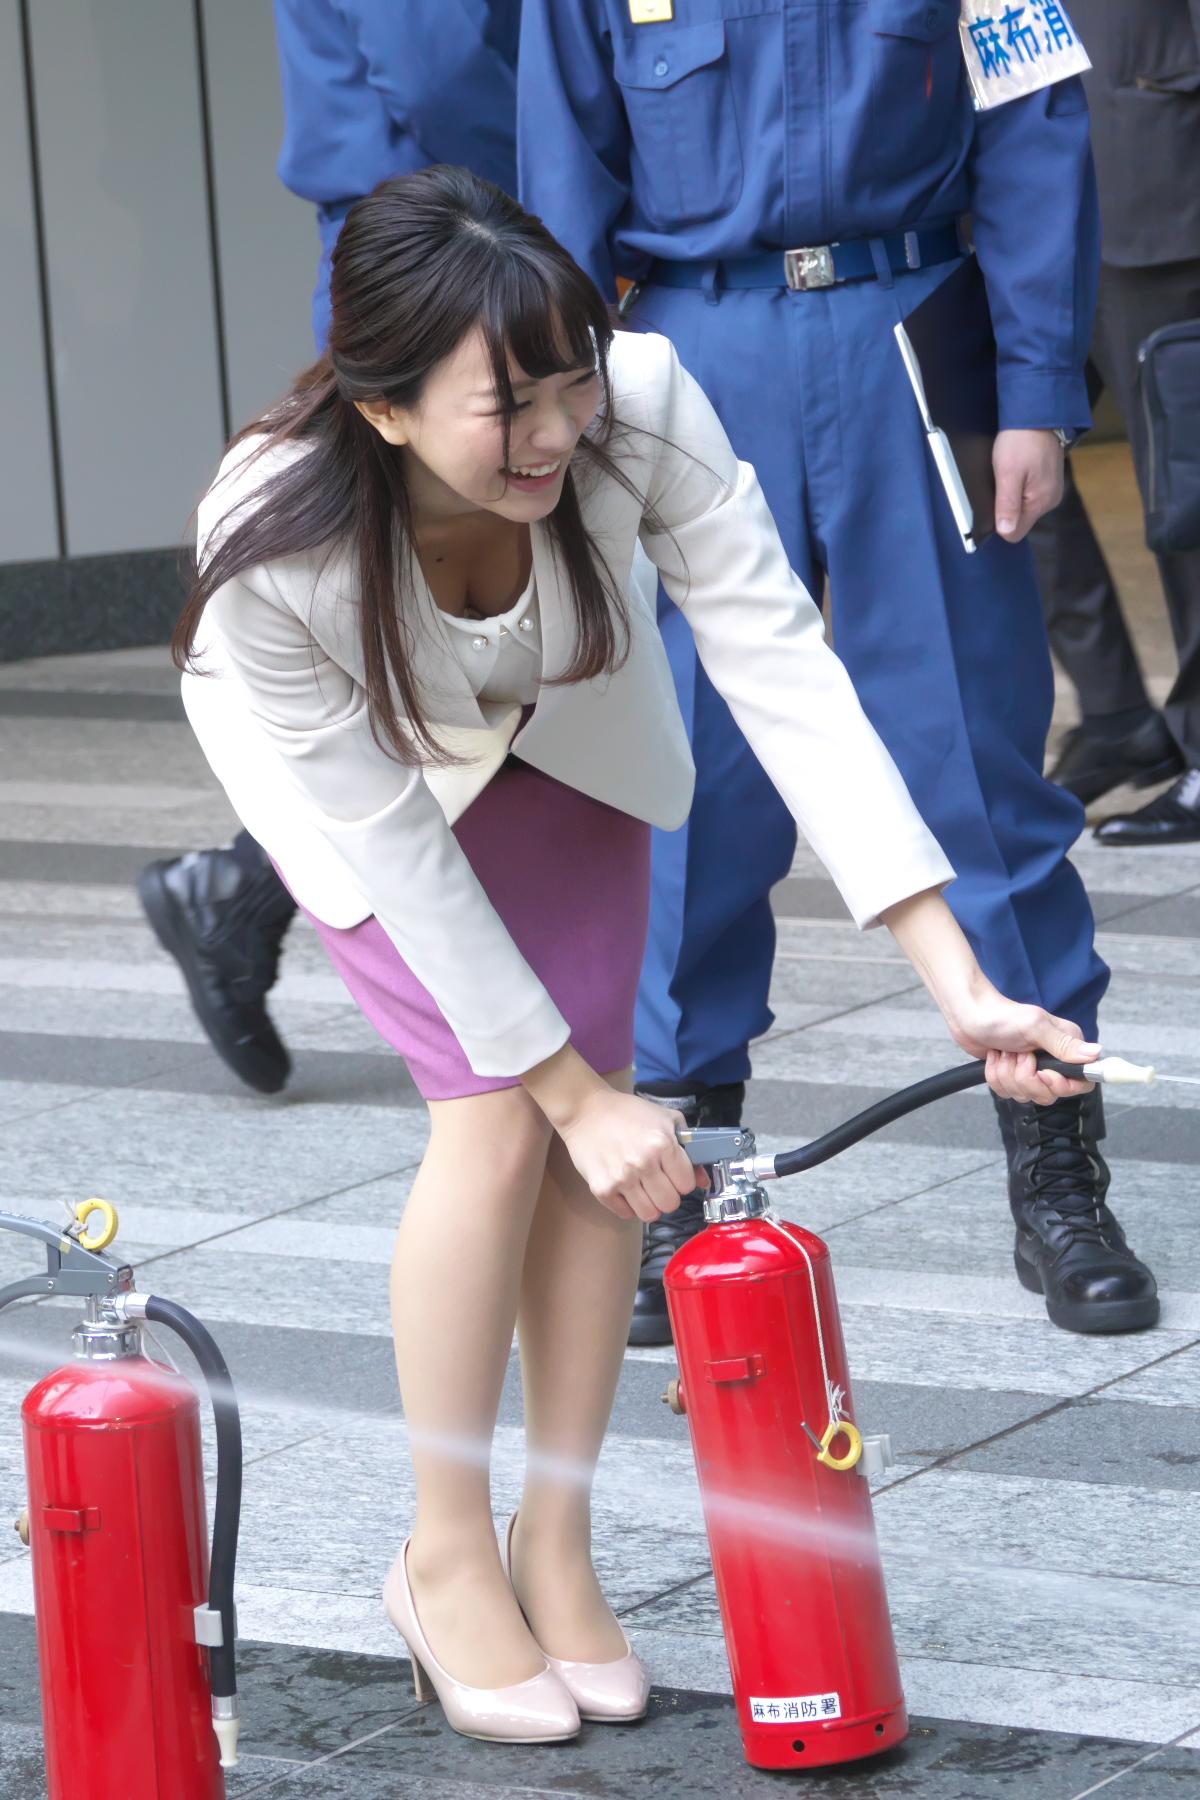 【画像】消火活動中の美人お姉さん、うっかり胸チラして周りの男達に火をつけてしまうwww